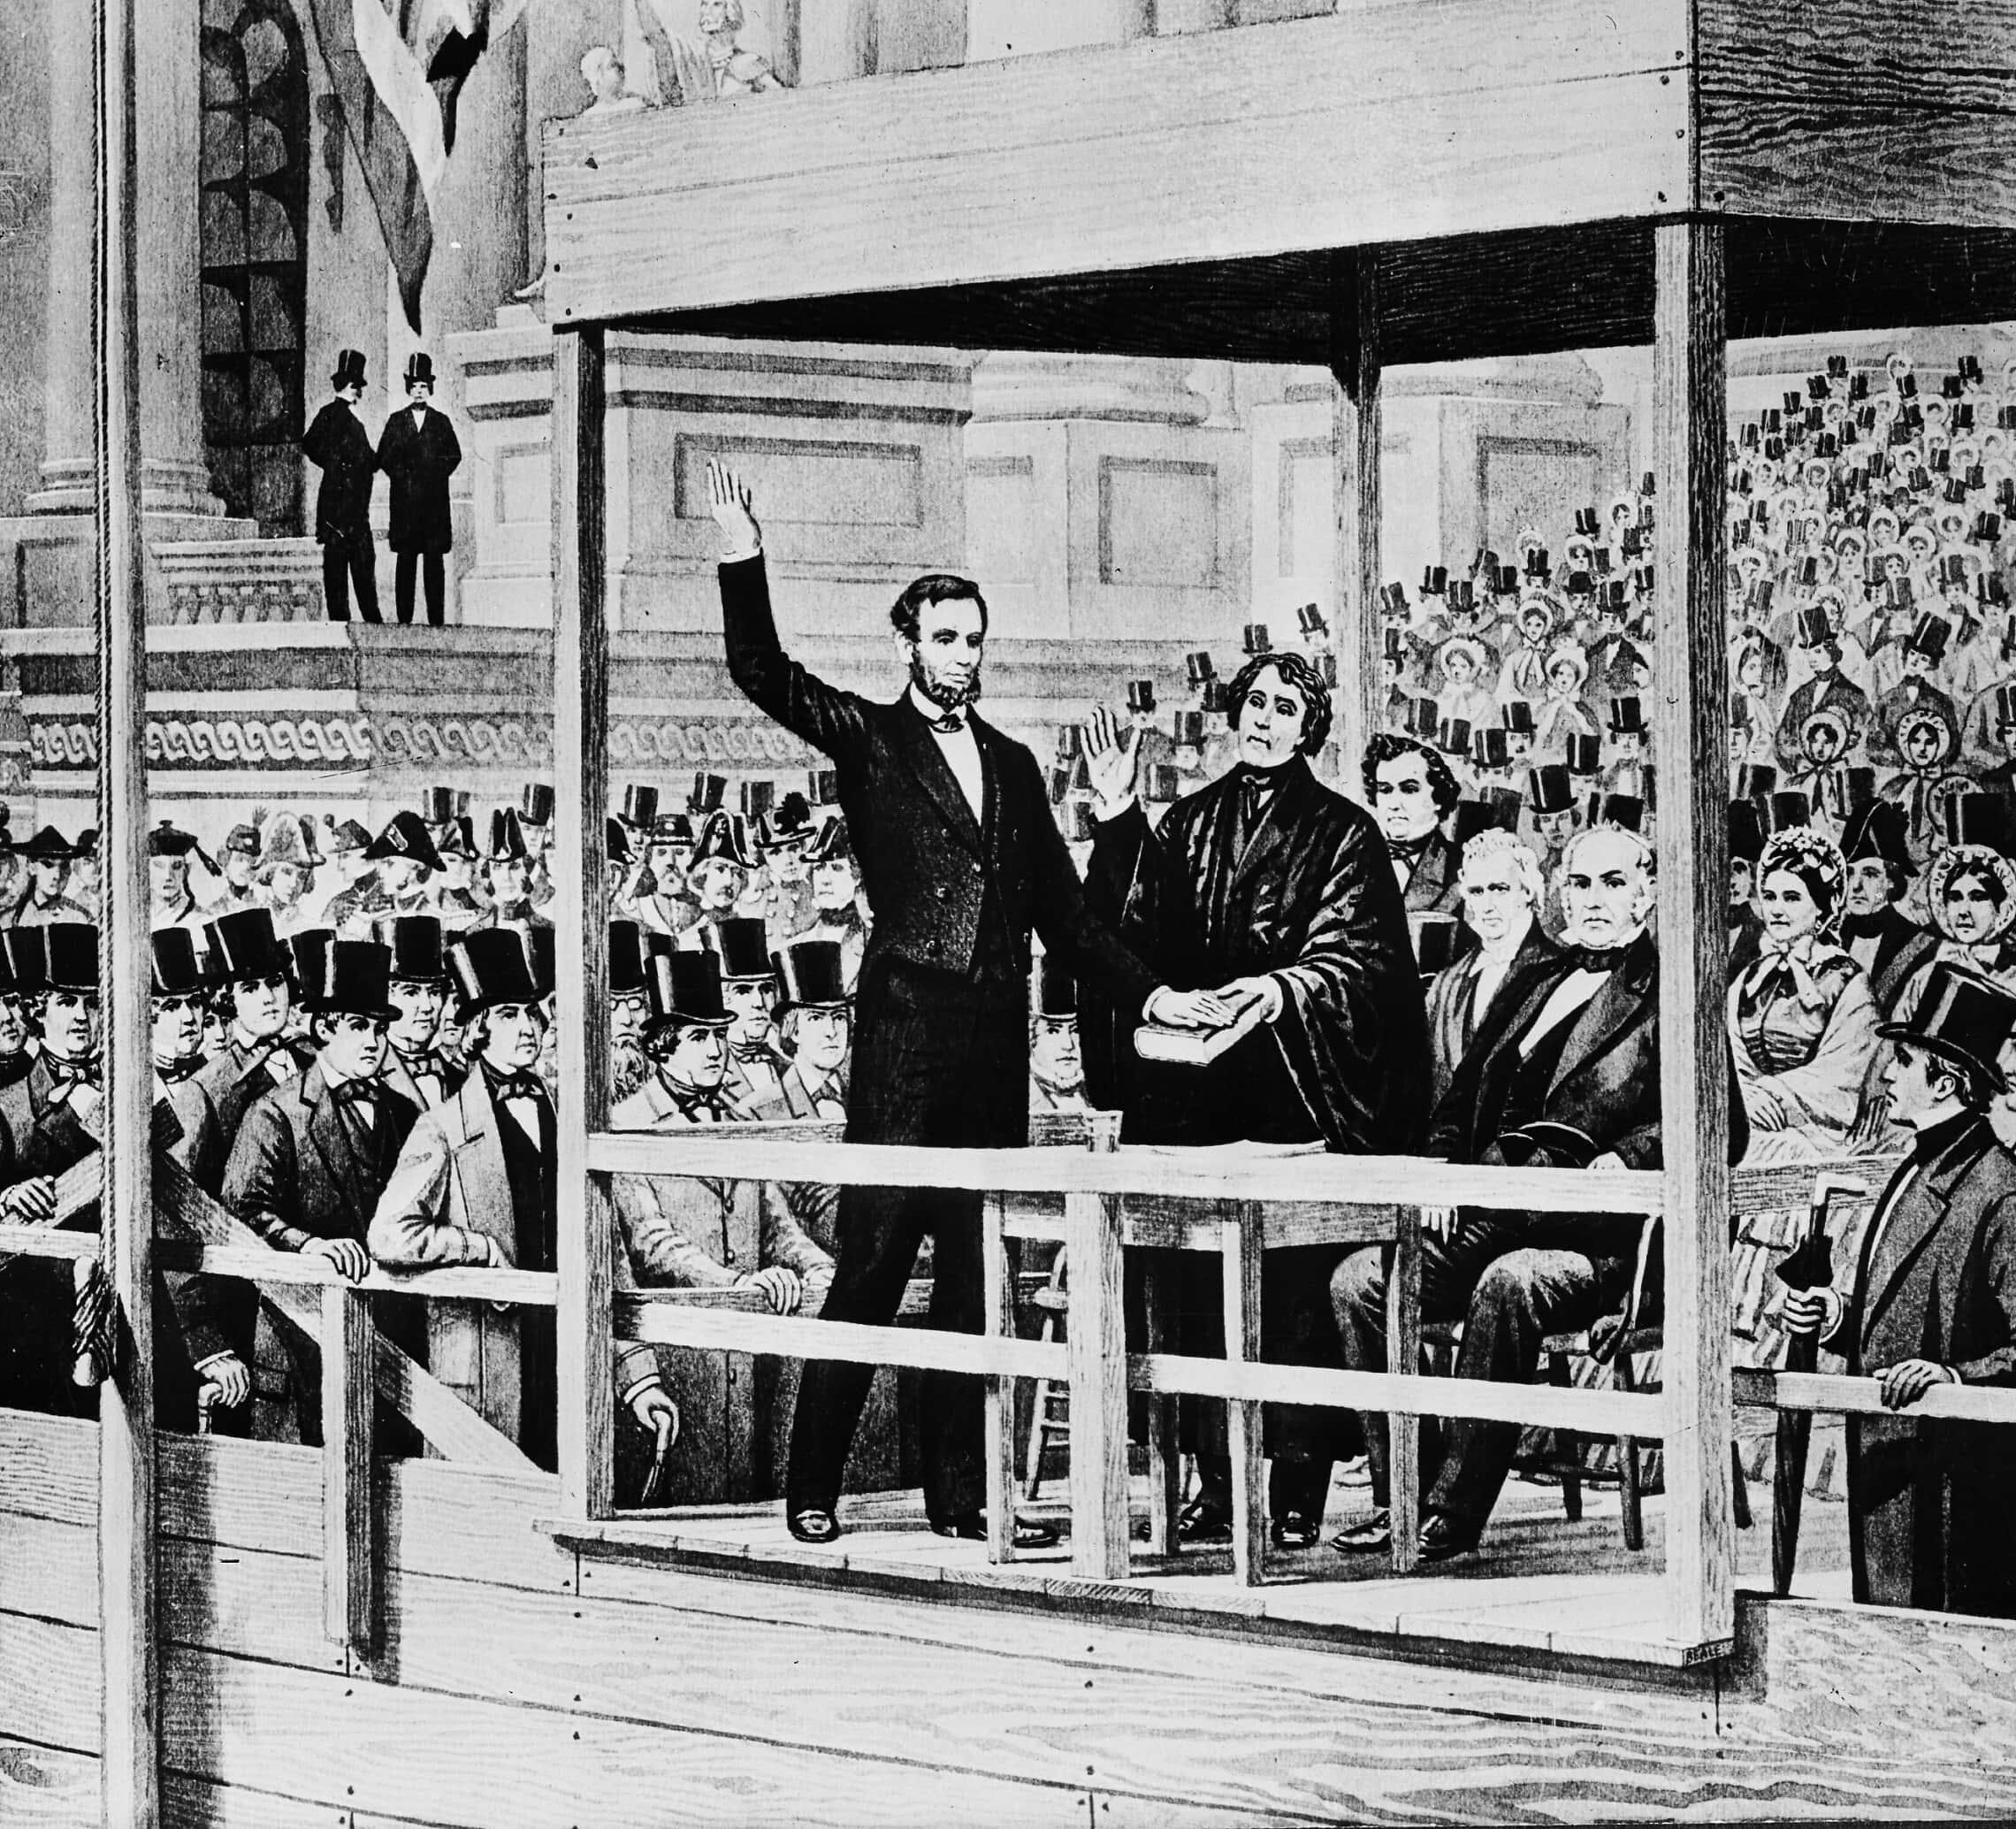 אברהם לינקולן מושבע לתפקיד נשיא ארצות הברית למרגלות גבעת הקפיטול בוושינגטון הבירה, ב-4 במרץ 1861 (צילום: AP Photo)